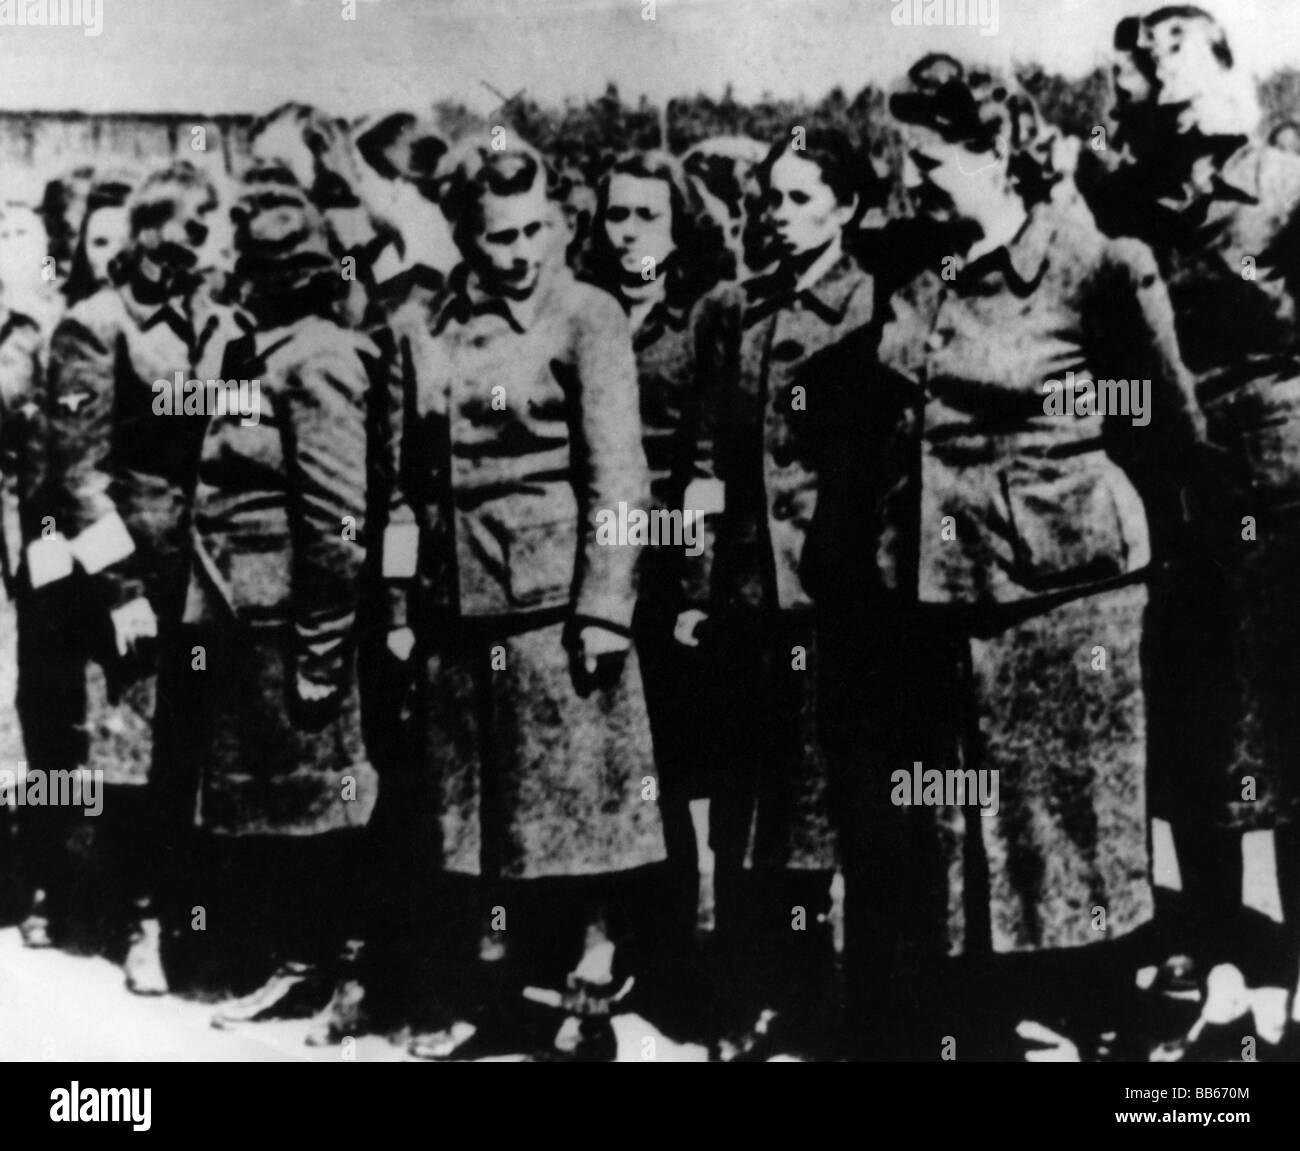 Nazismo / nazionalsocialismo, crimini, campo di concentramento, Bergen-Belsen, captato sopraffazione femminile, 17.4.1945, Foto Stock